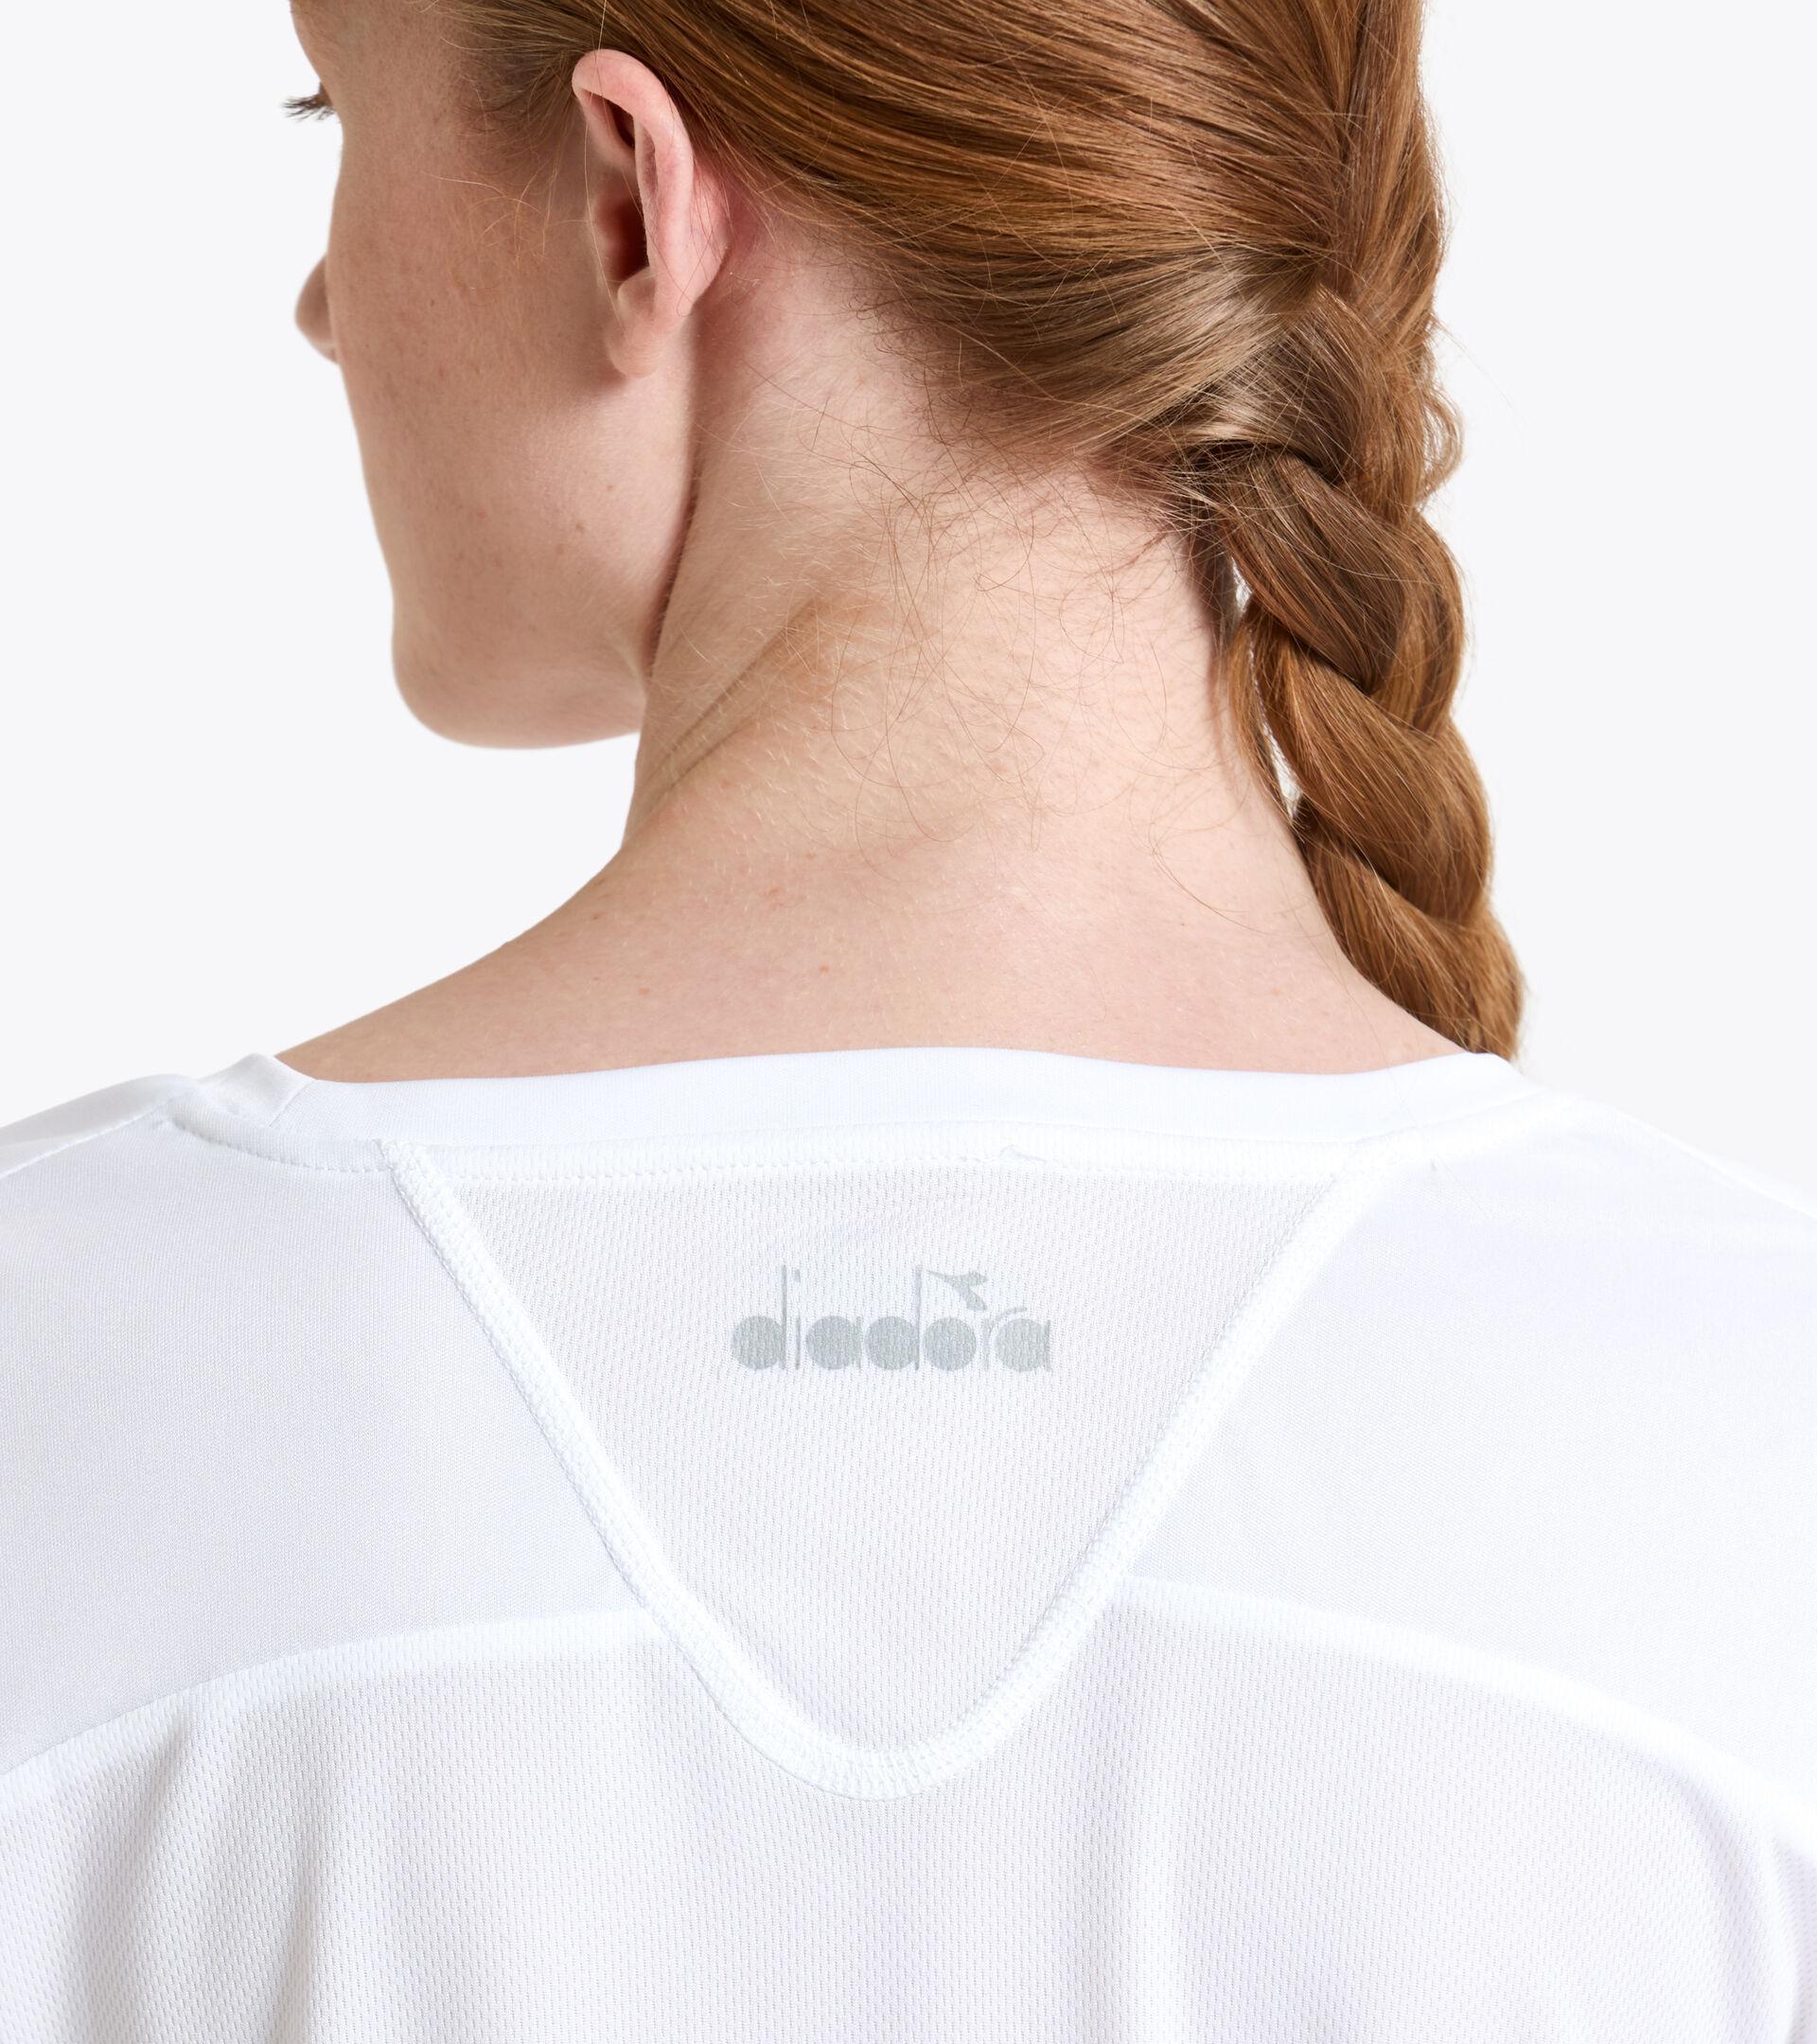 Camiseta de tenis - Mujer L. T-SHIRT COURT BLANCO VIVO - Diadora